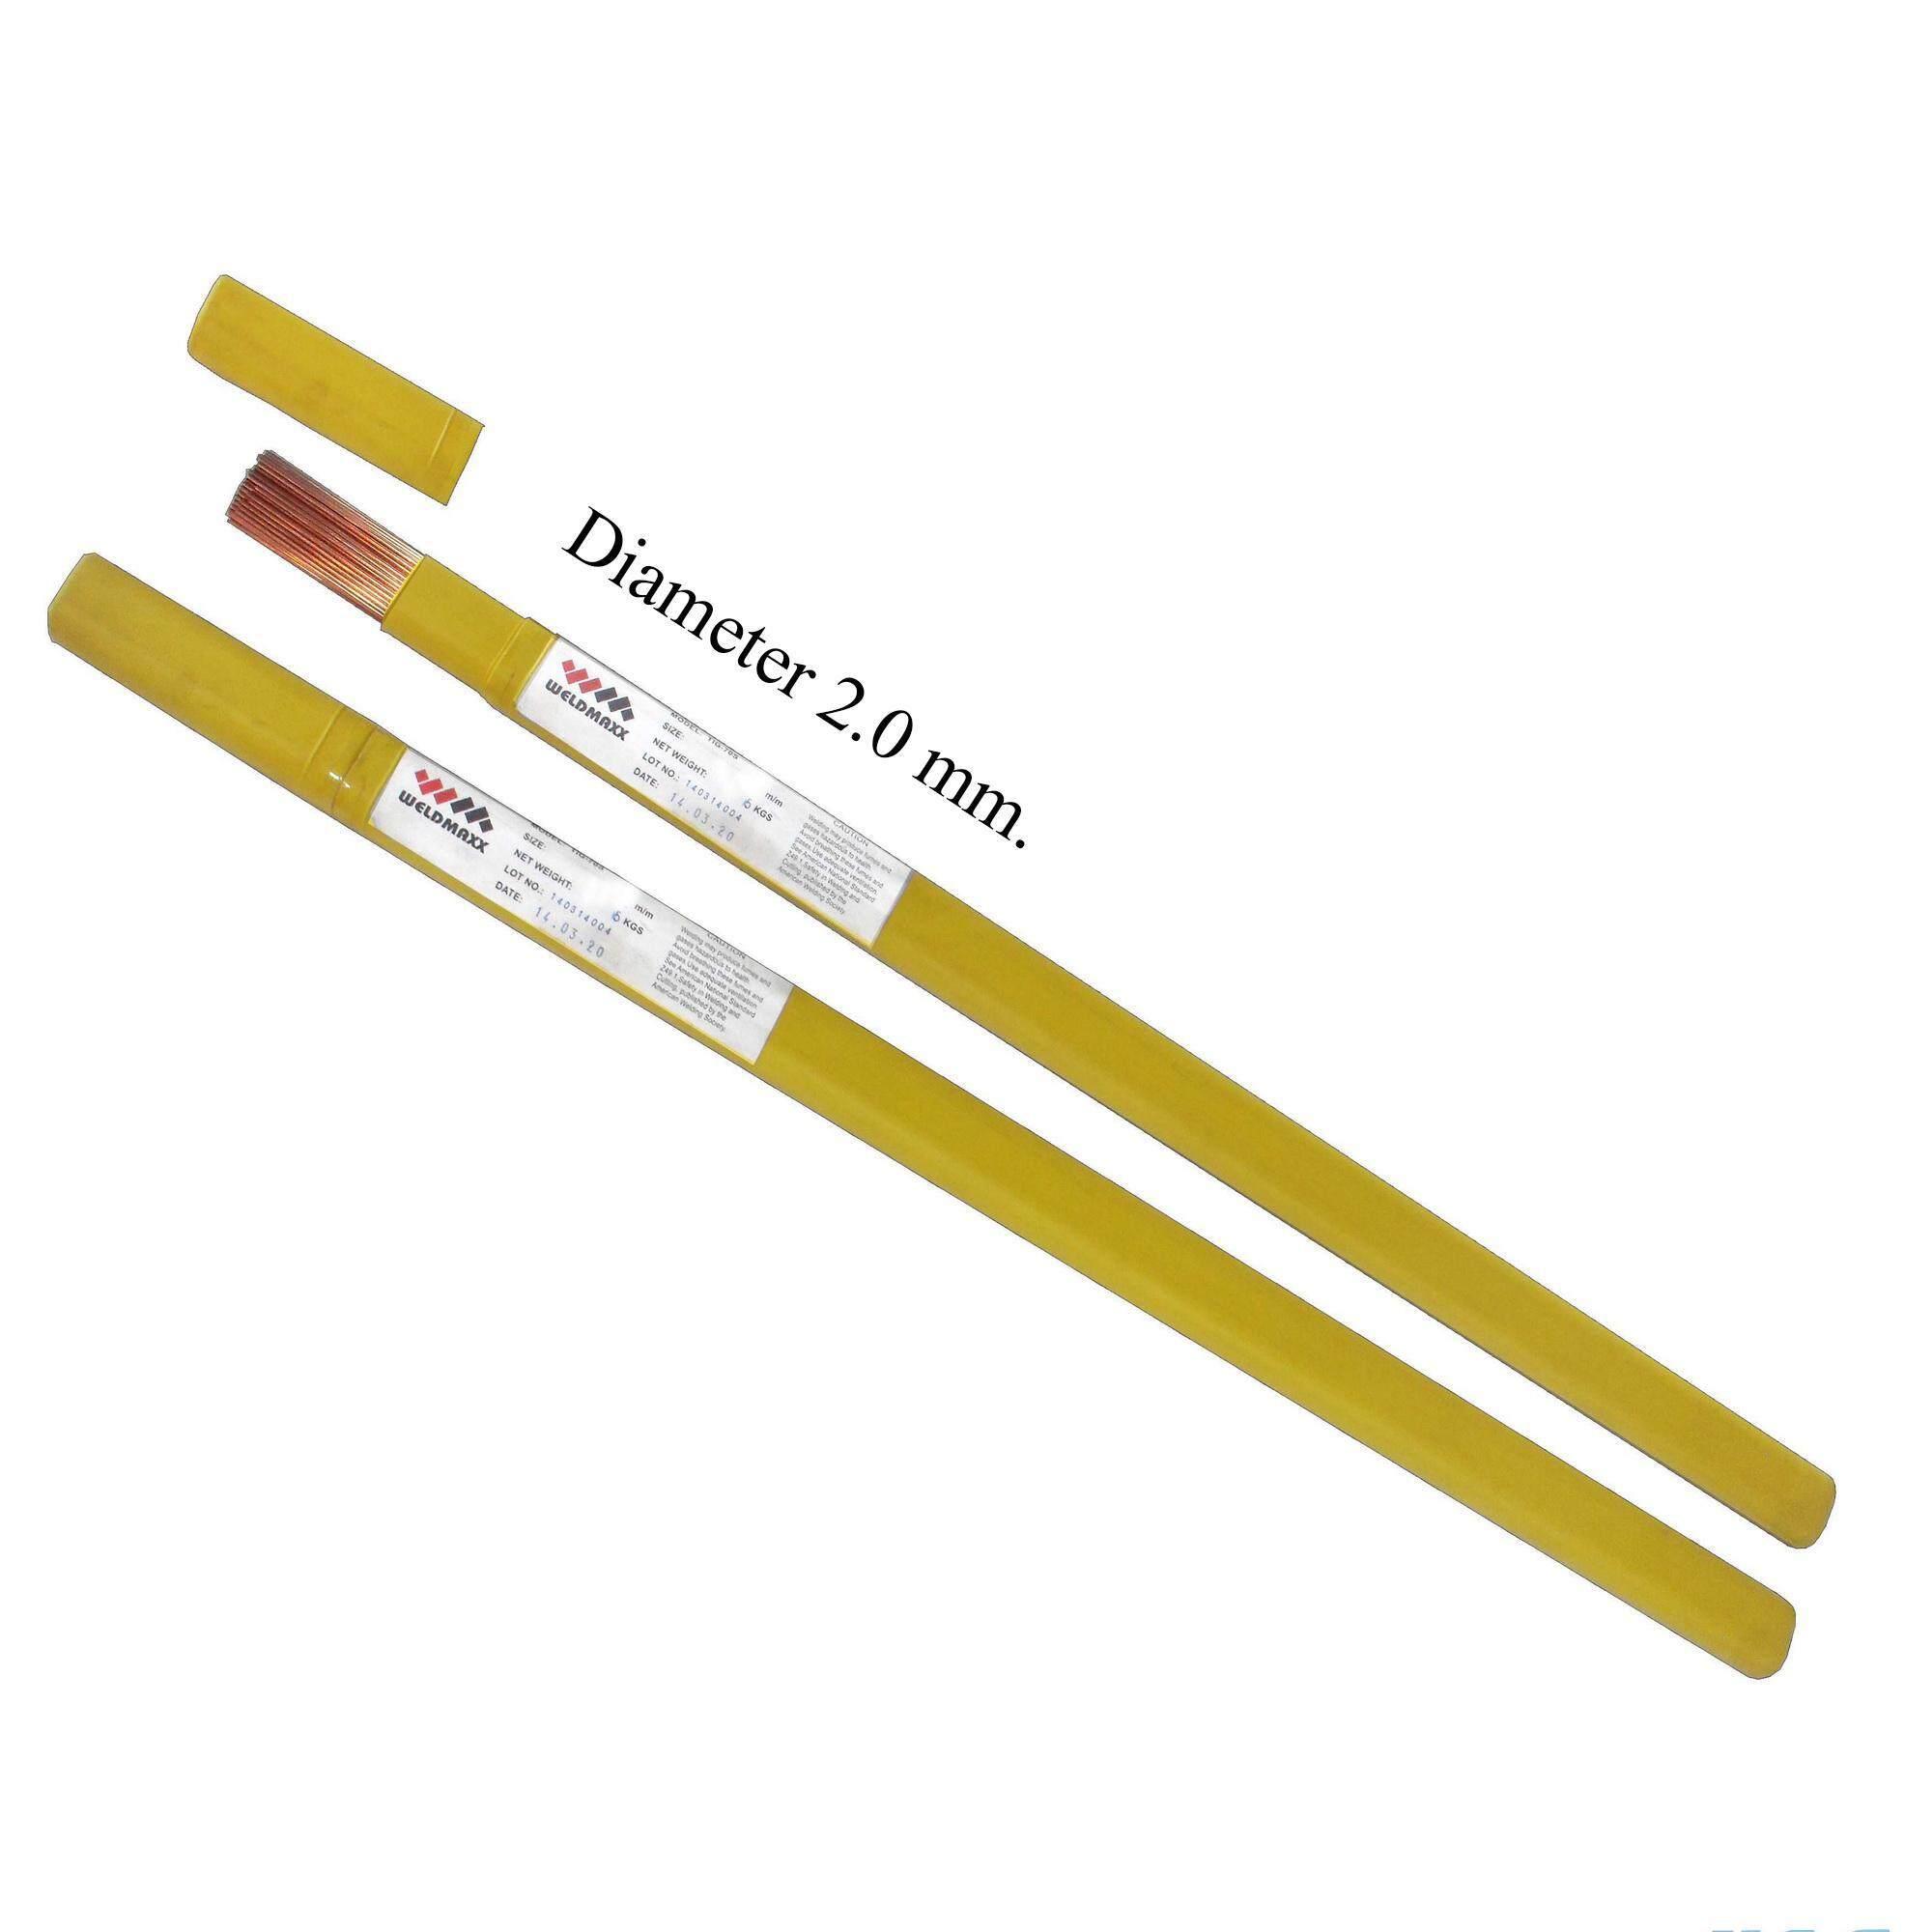 WELDMAXX ลวดเชื่อม TIG เหล็ก TIG-70S (แพ็ค 1 กก.)